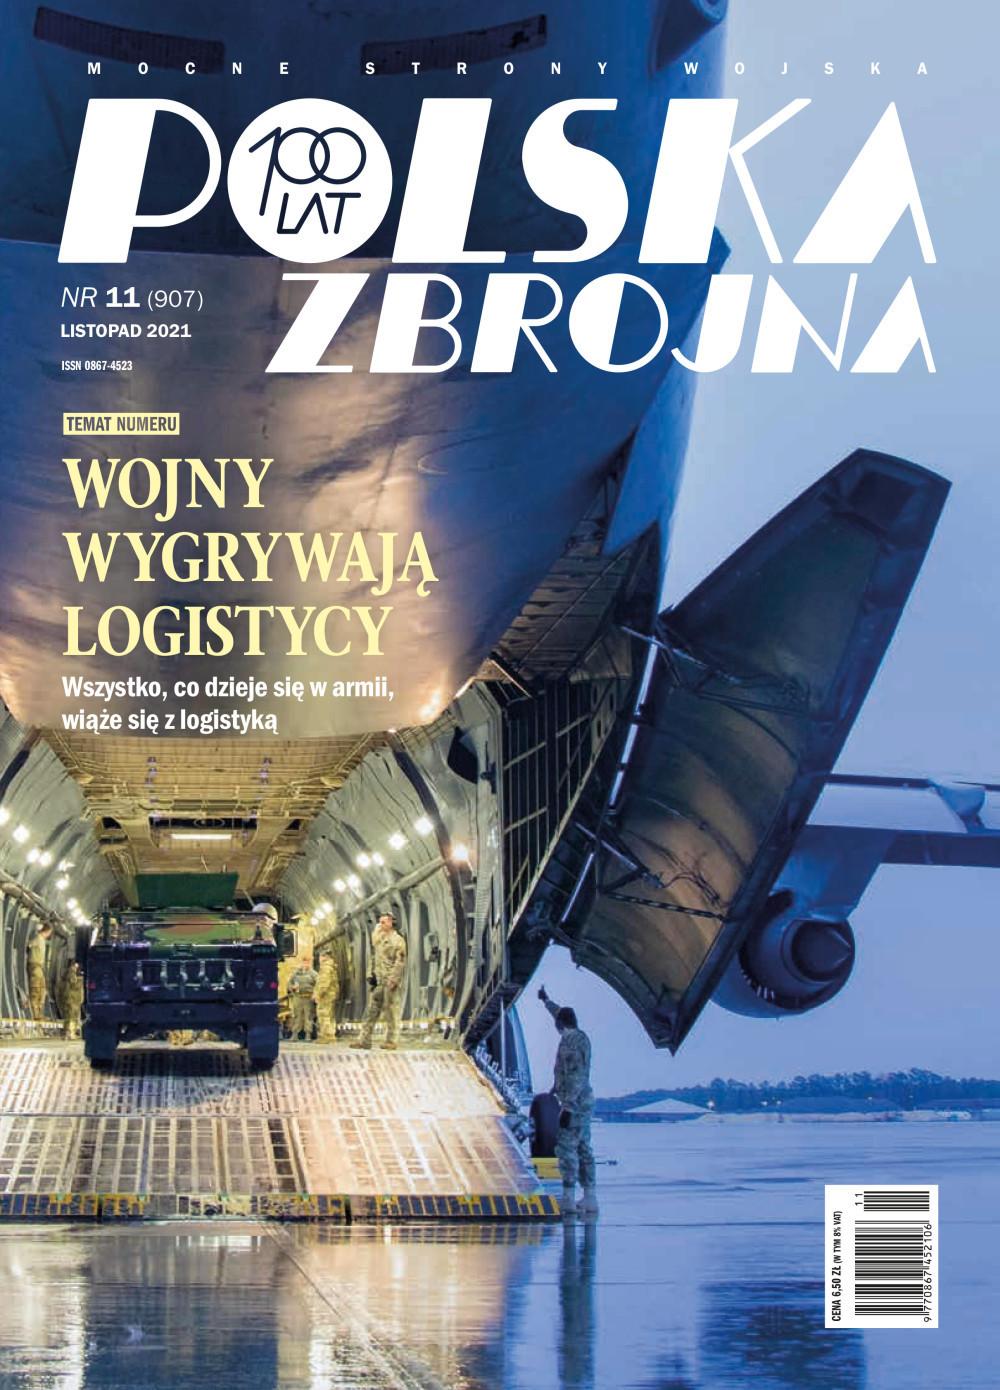 Polska Zbrojna,wojskowi,kadry Wojska,militaria,historia, wojskowości,wojsko,policja,straż graniczna,pobór,nabór,służba wojskowa